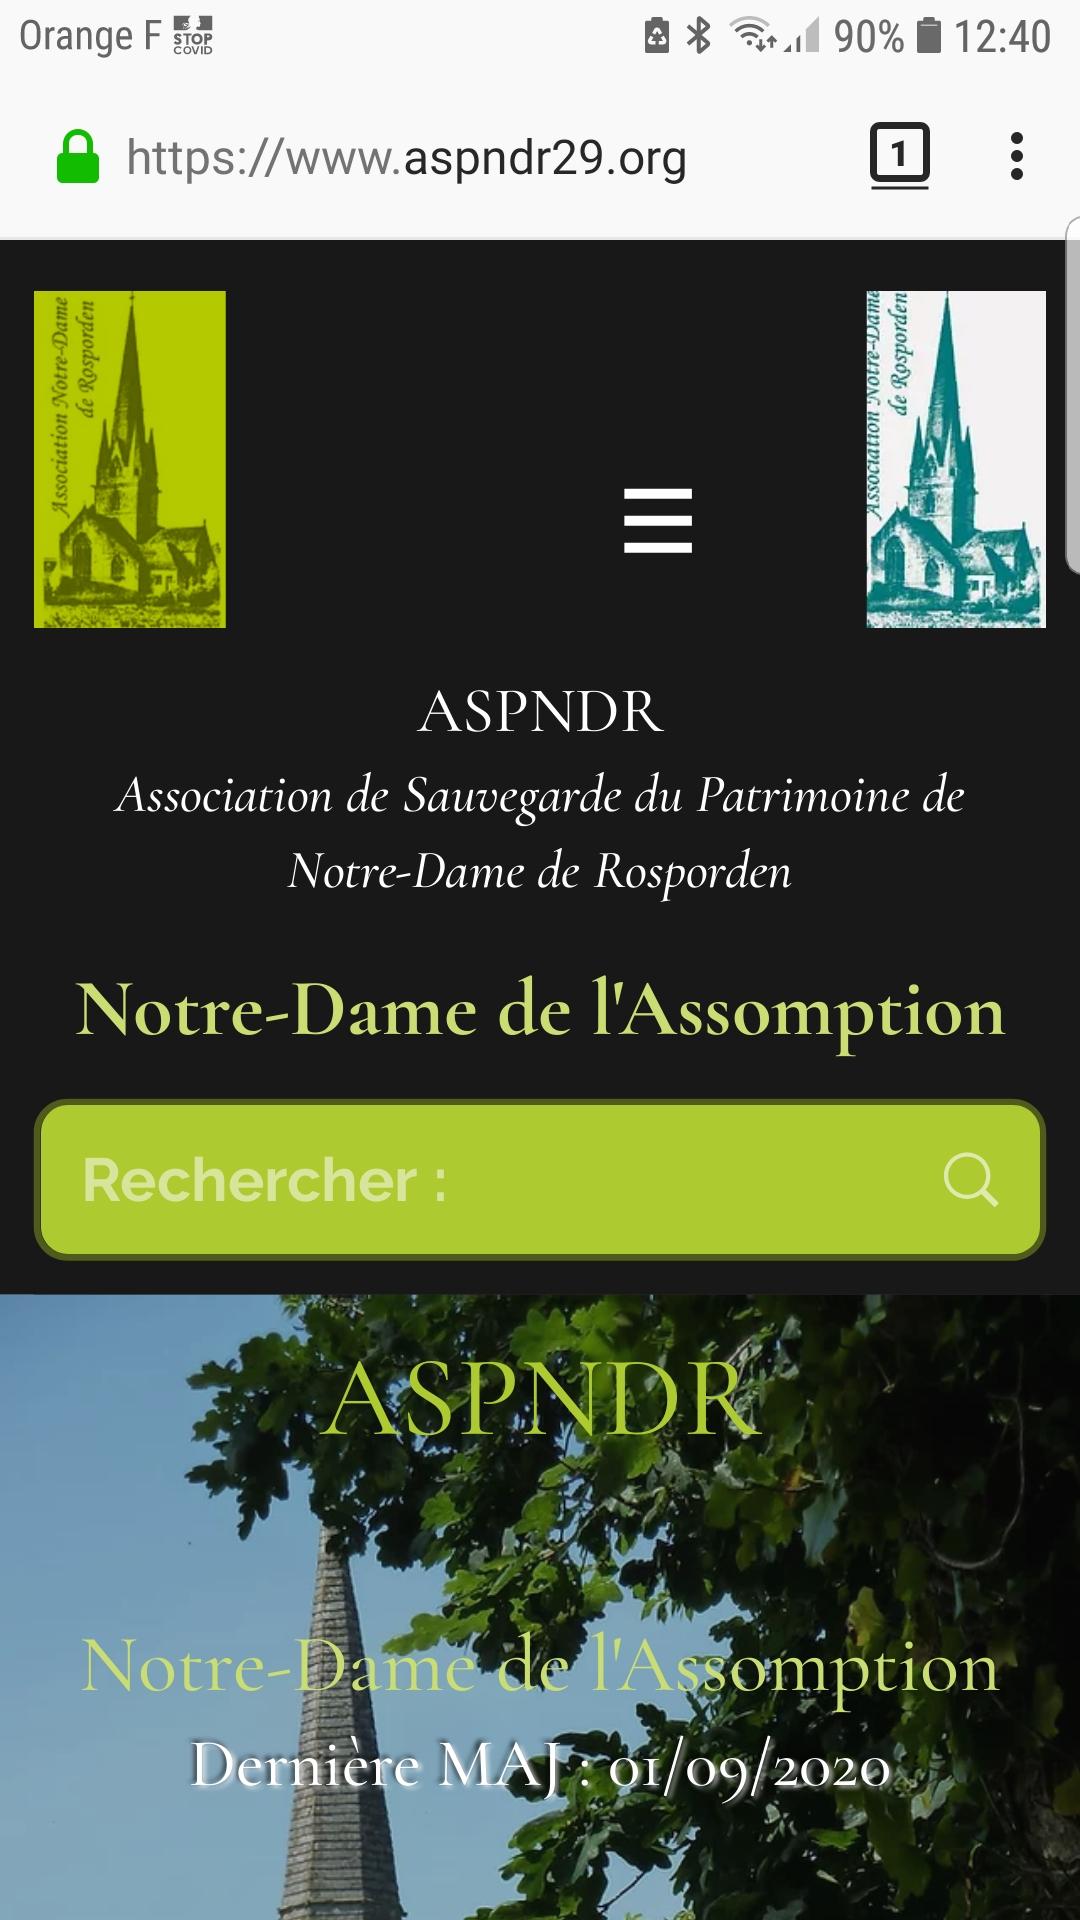 ASPNDR